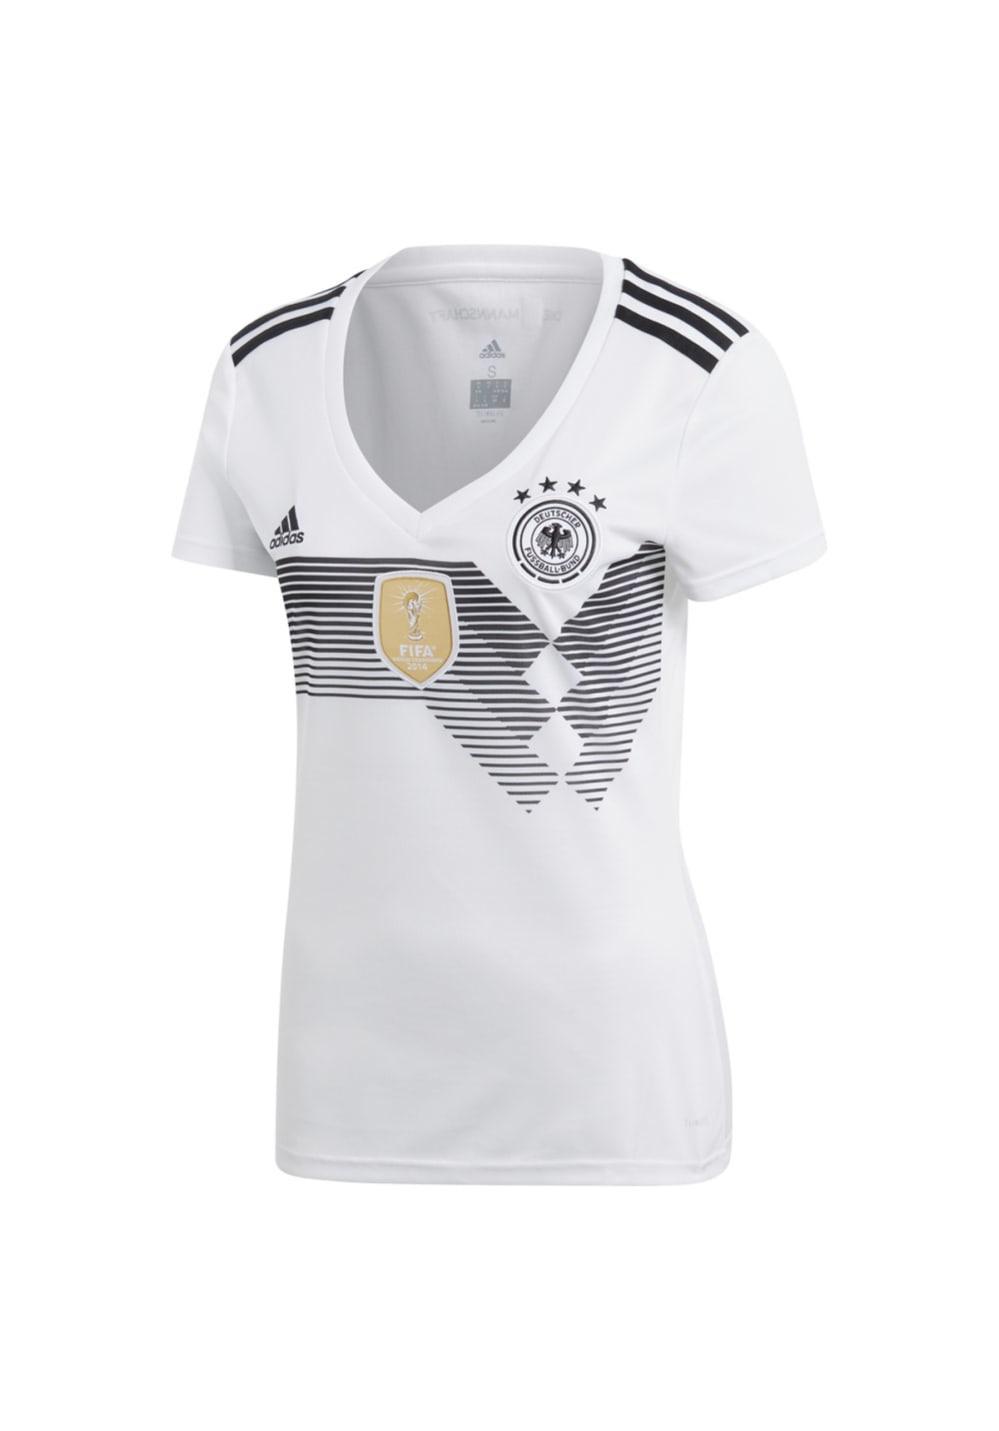 adidas 2018 Germany Home Jersey Women - Fußballbekleidung für Damen - Weiß